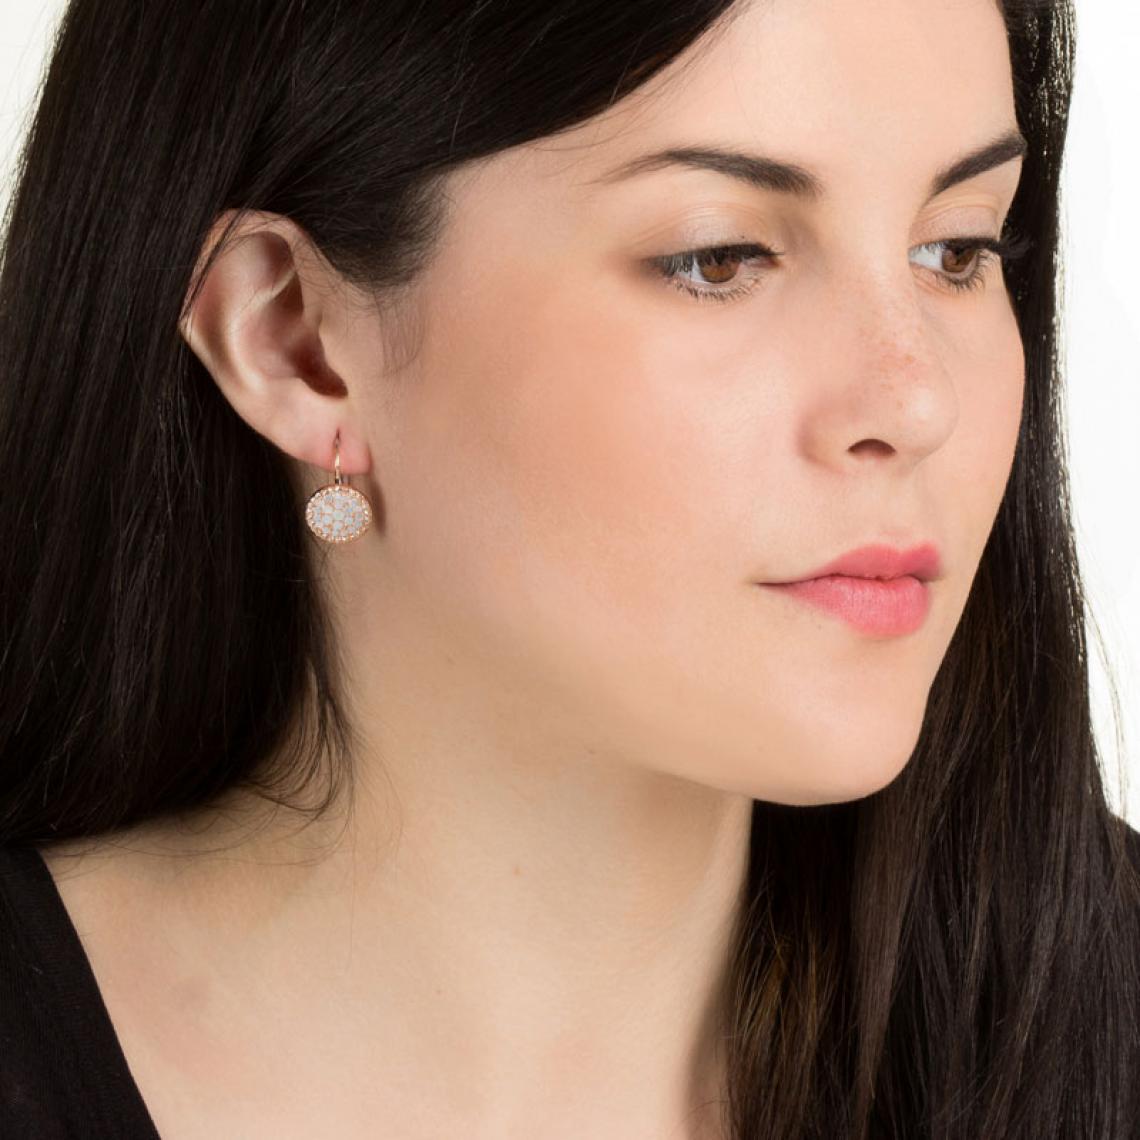 boucle d'oreille pendentif fossil